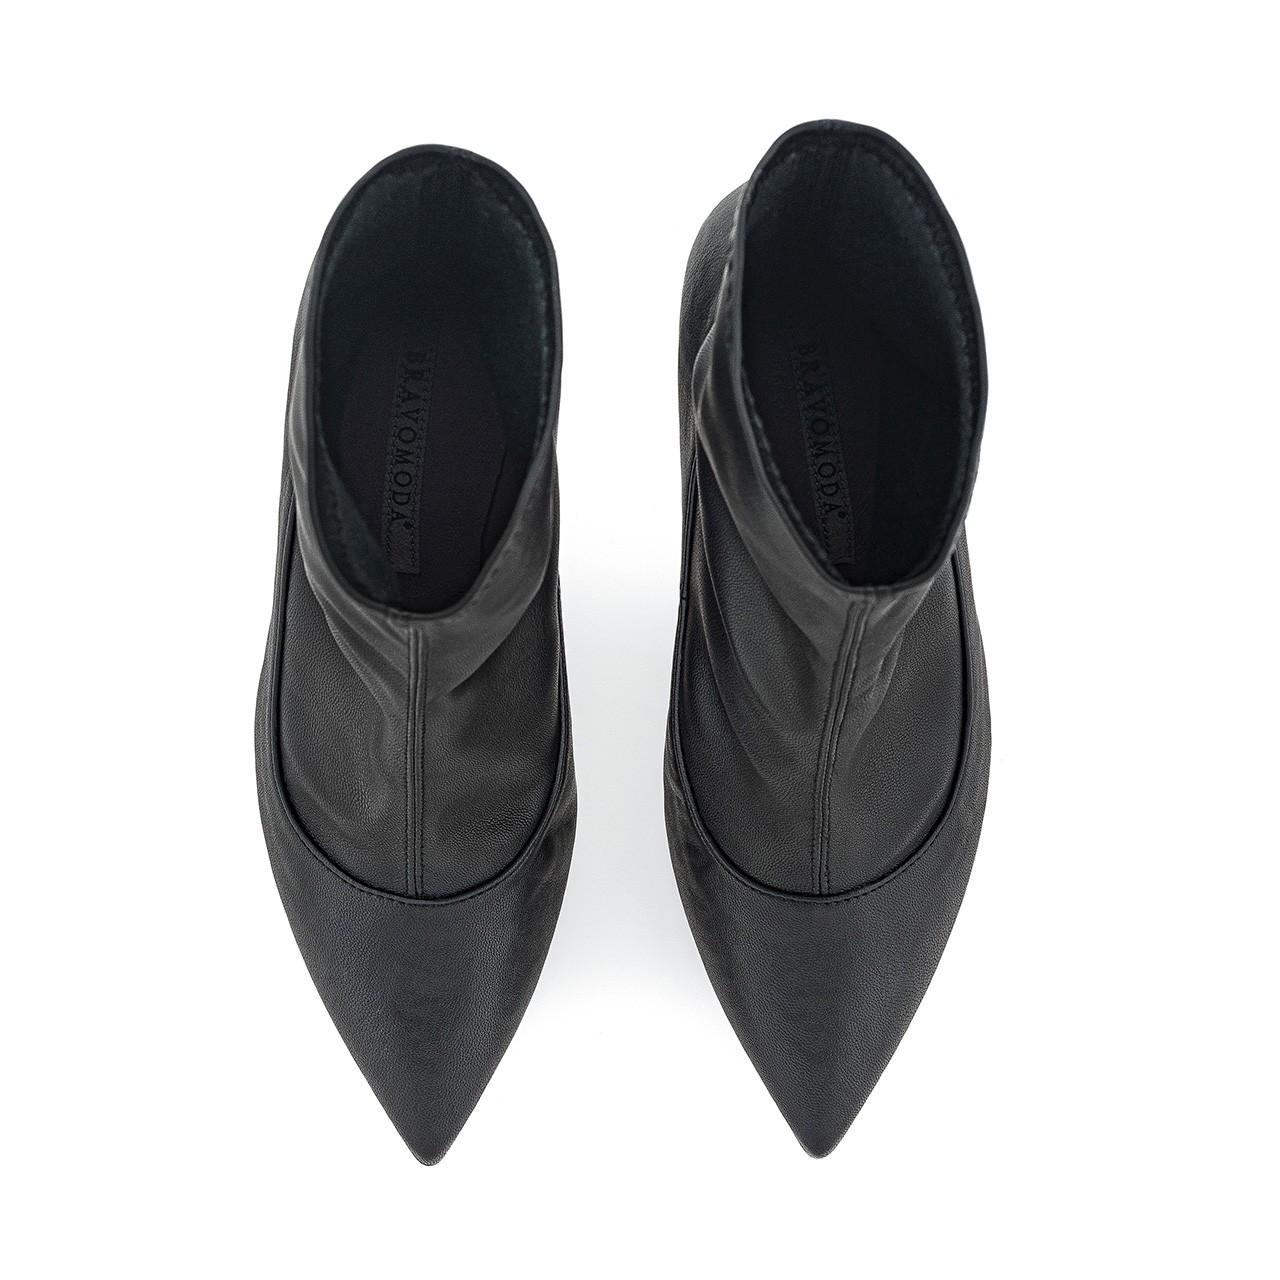 Czarne botki na wysokim obcasie wykonane ręcznie z elastycznej tkaniny